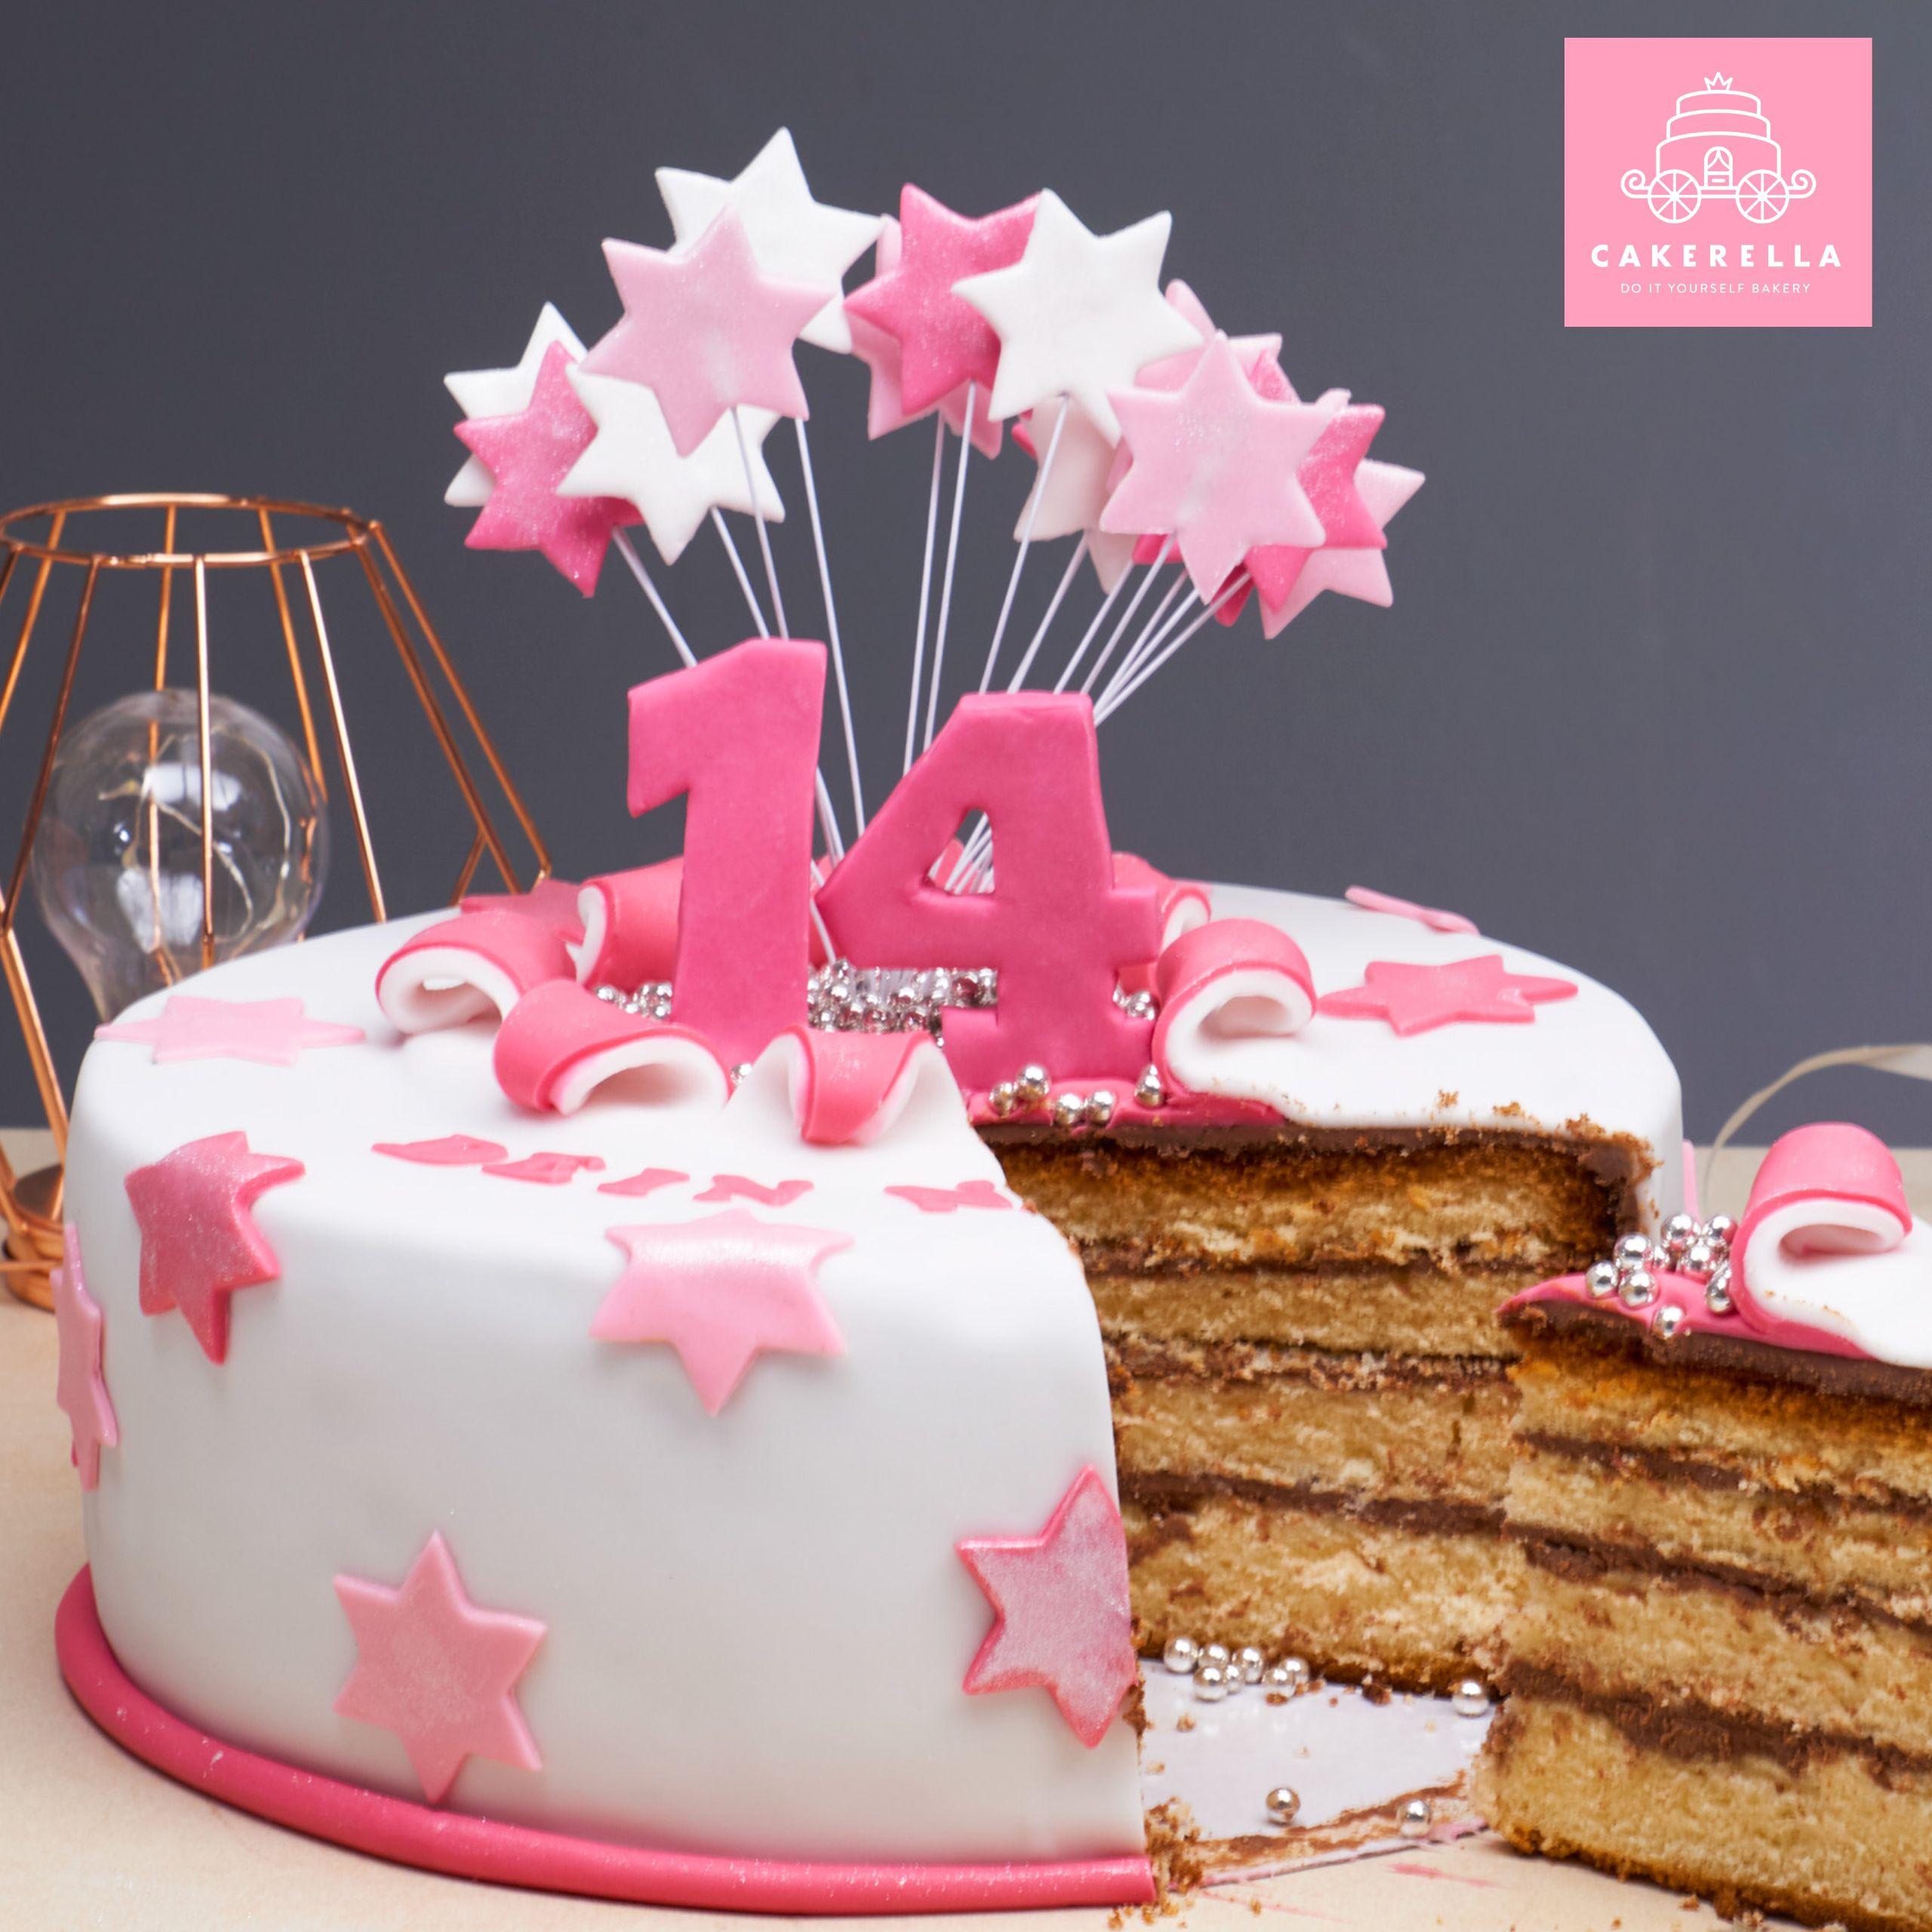 Explosions Torte Farbe Grosse Nach Wahl Kuchen Geburtstag